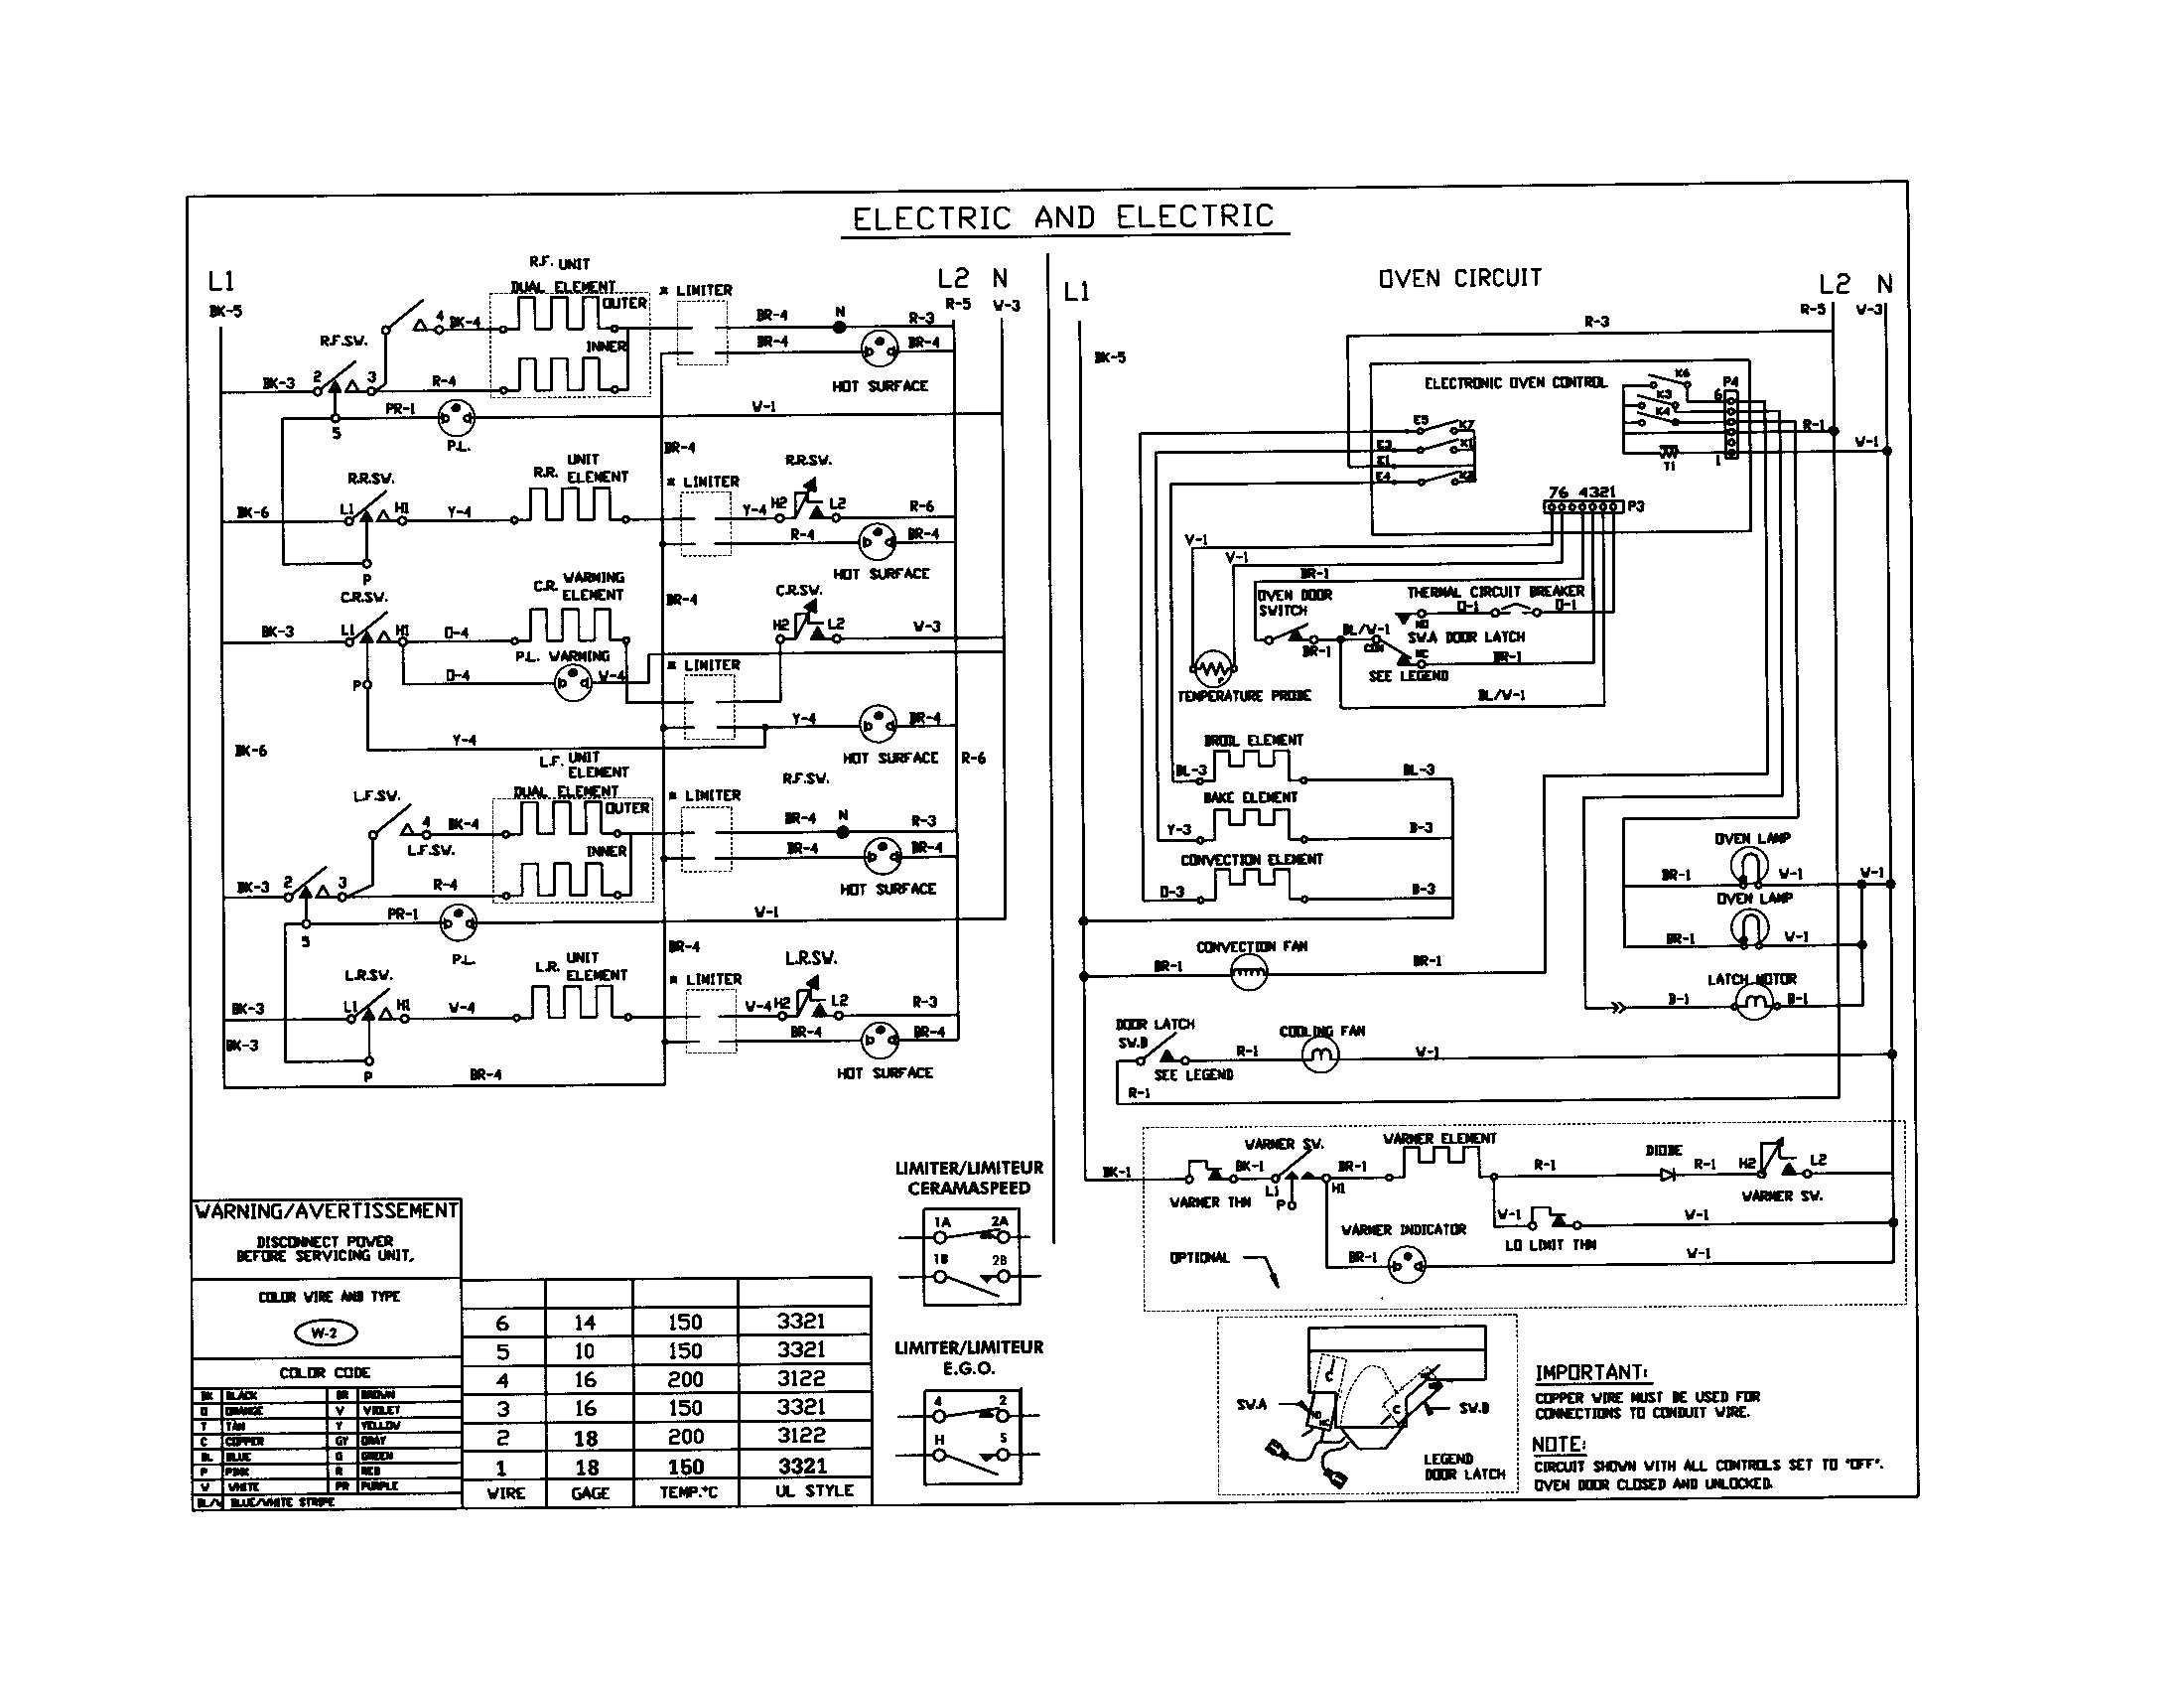 Kenmore Washer Wiring Diagram Kenmore Washer Wiring Diagram Sample Of Kenmore Washer Wiring Diagram